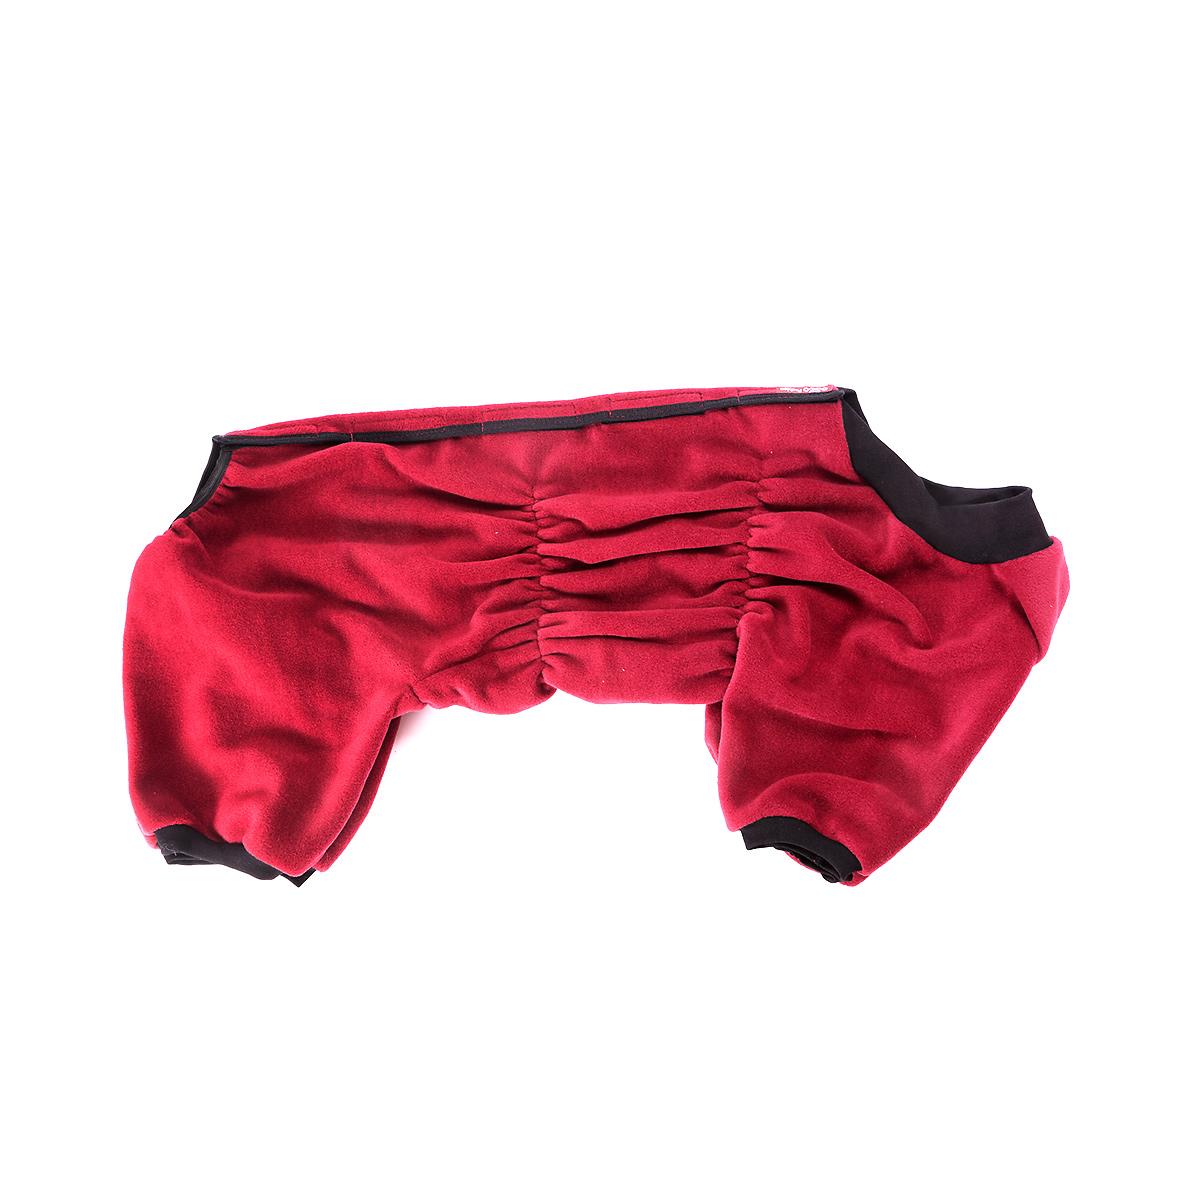 Комбинезон для собак  OSSO Fashion , для девочки, цвет: бордовый. Размер 37 - Одежда, обувь, украшения